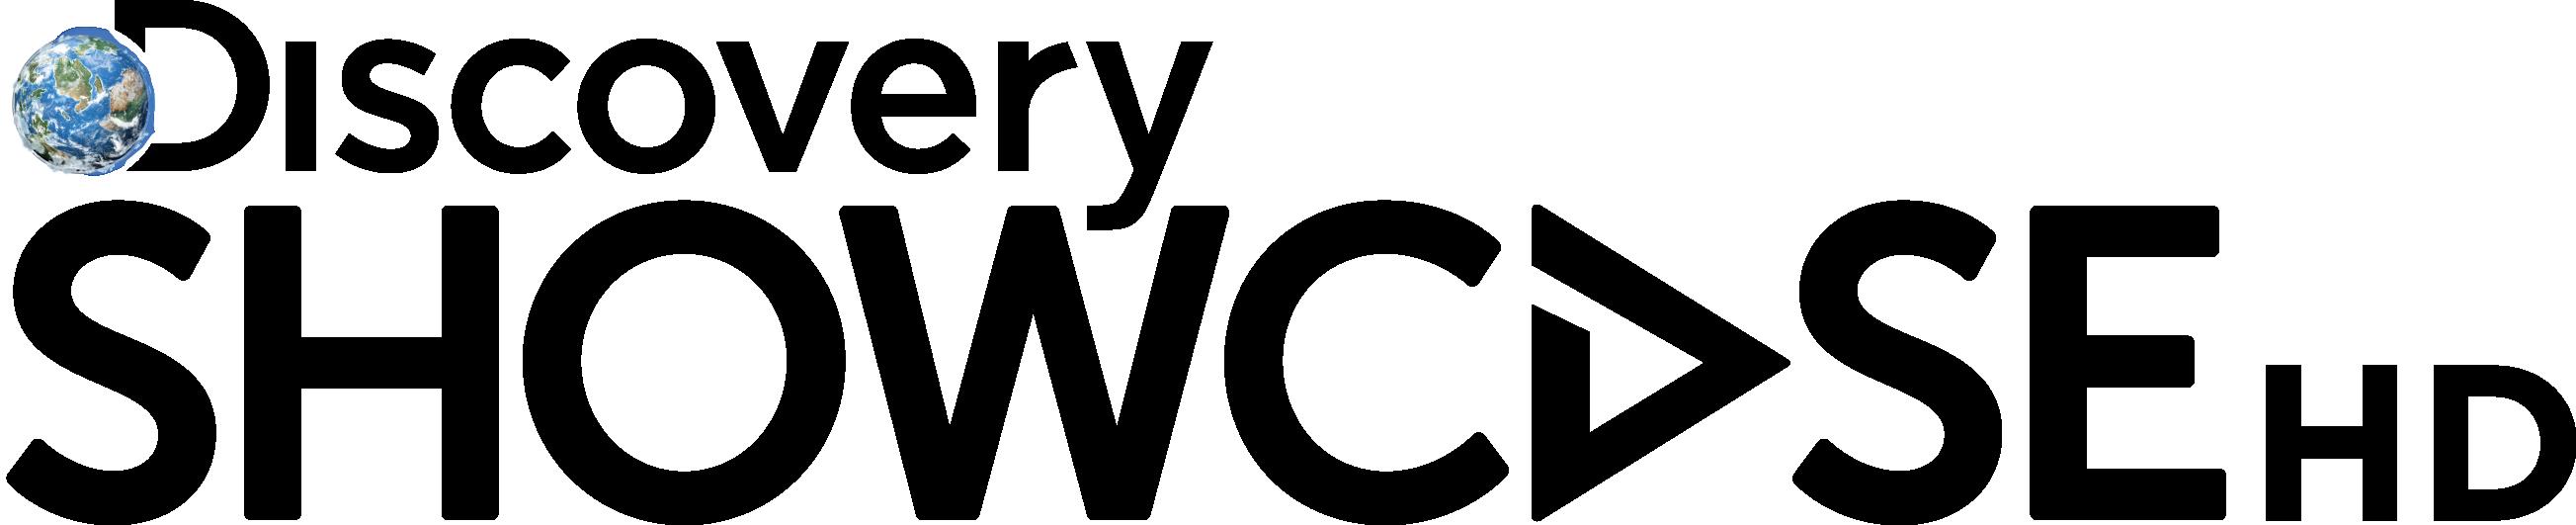 Телеканал дискавери спутник 15 фотография